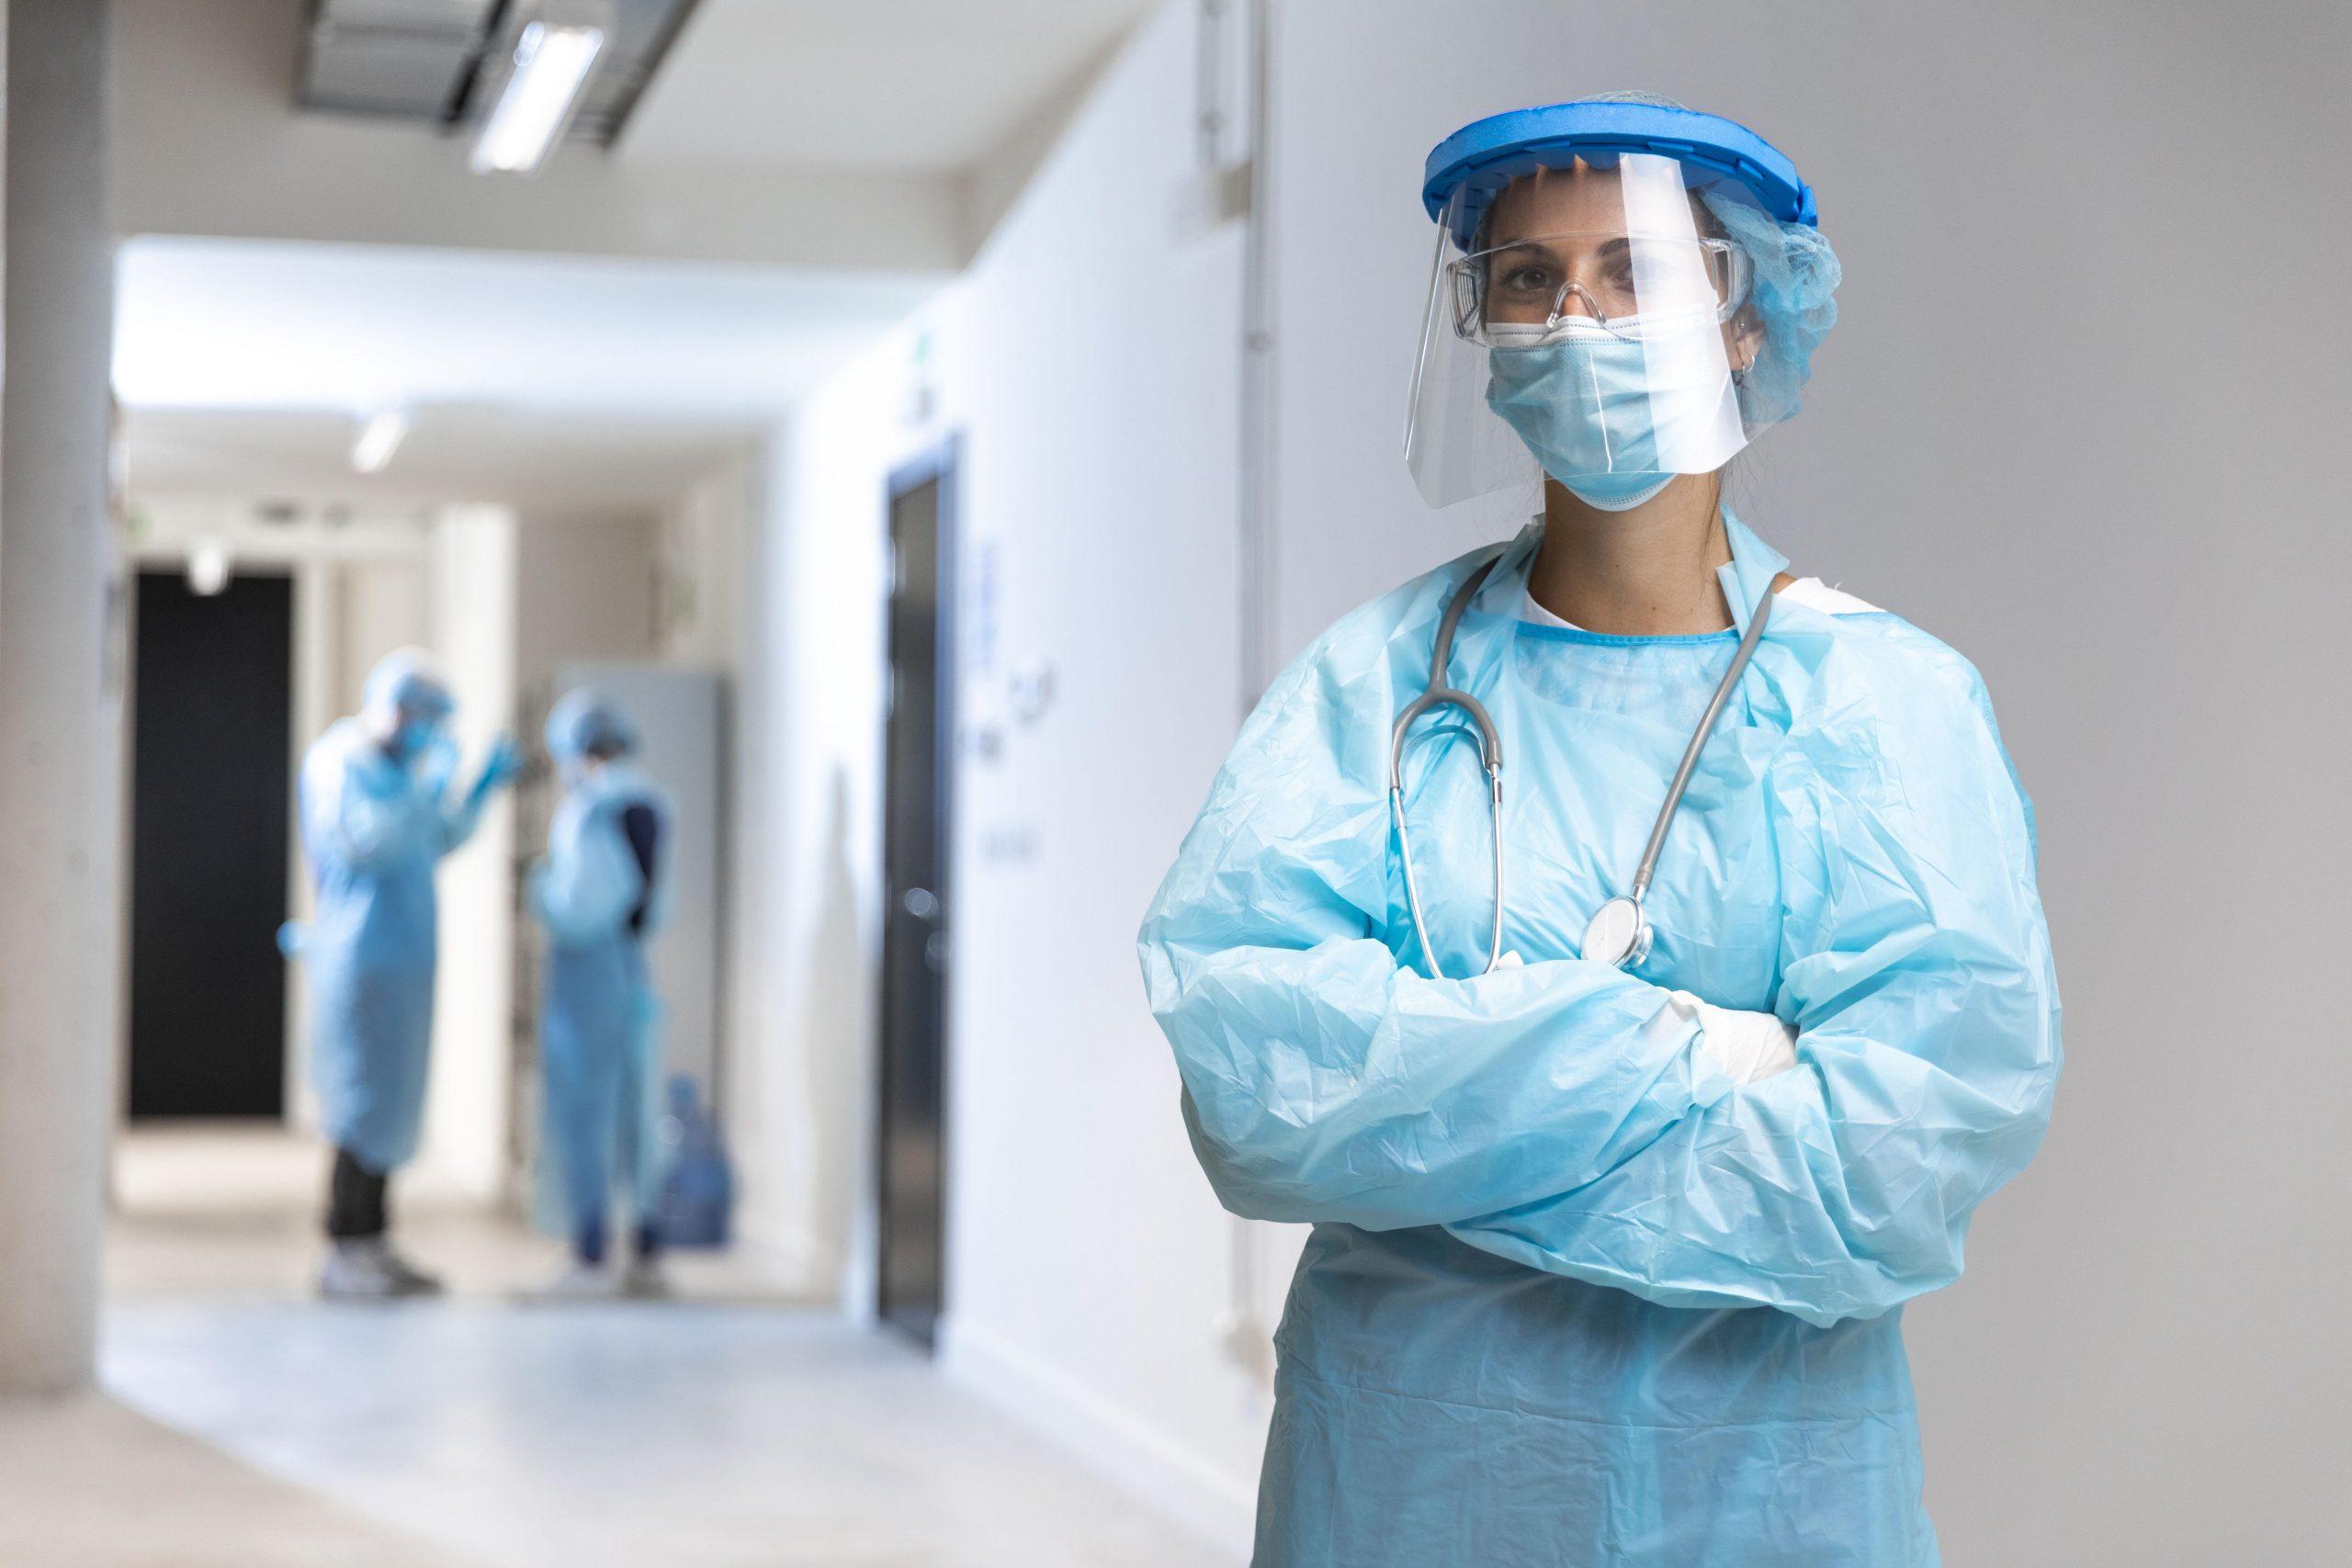 Convocatoria pruebas selectivas para la cobertura de 522 plazas de la categoría de Técnico/a en Cuidados Auxiliares de Enfermería del Servicio de Salud de Castilla-La Mancha.